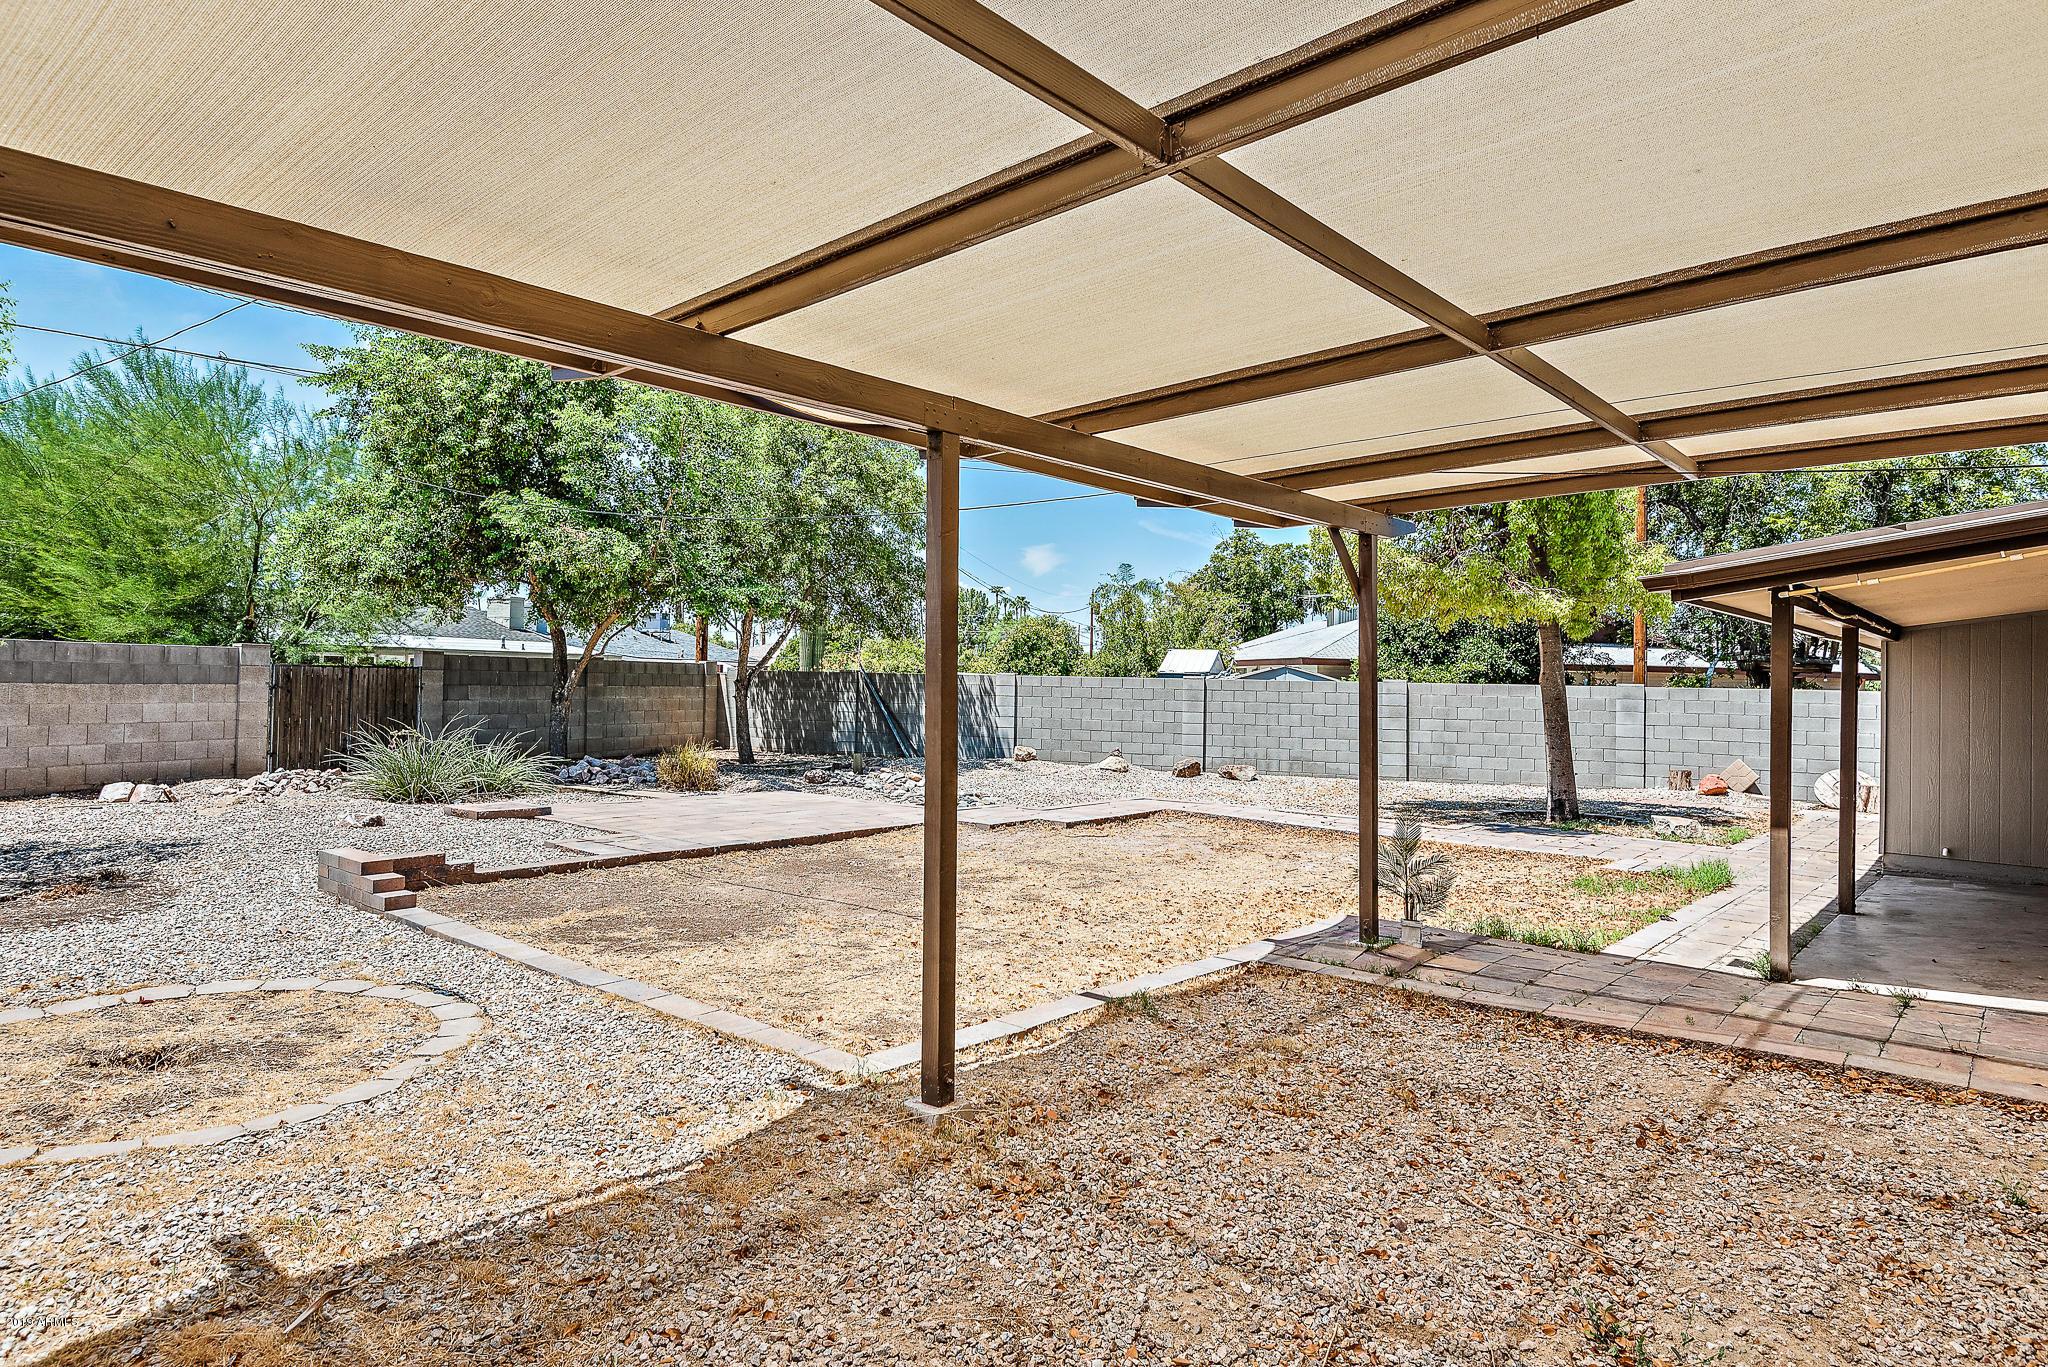 MLS 5960689 1039 E LOYOLA Drive, Tempe, AZ 85282 Tempe AZ Tempe Royal Palms